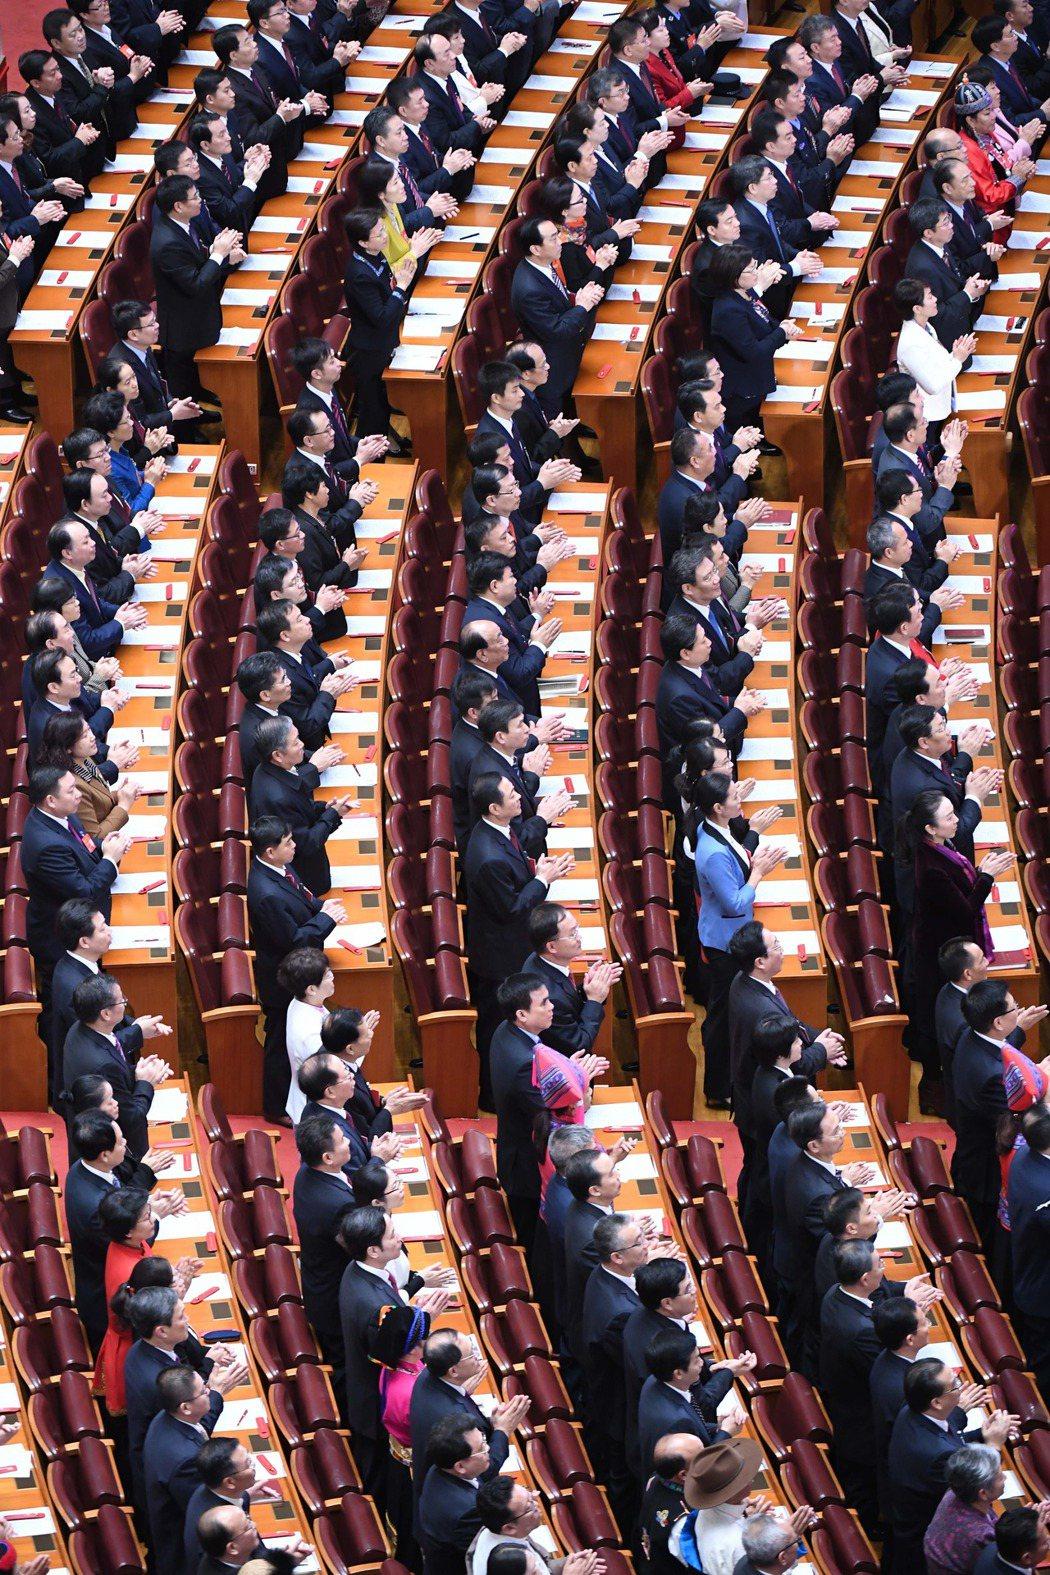 中國共產黨第十九次全國代表大會閉幕。(新華社)